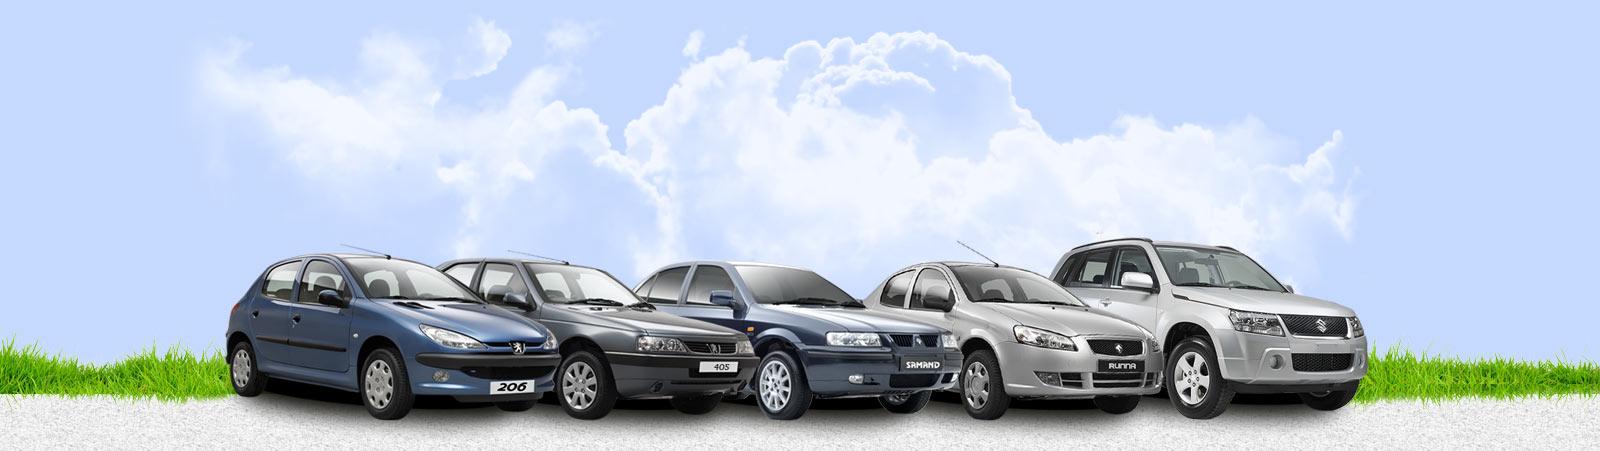 فروش خودروهای کارکرده ایرانخودرو گرانی خودرو محصولات ایرانخودرو